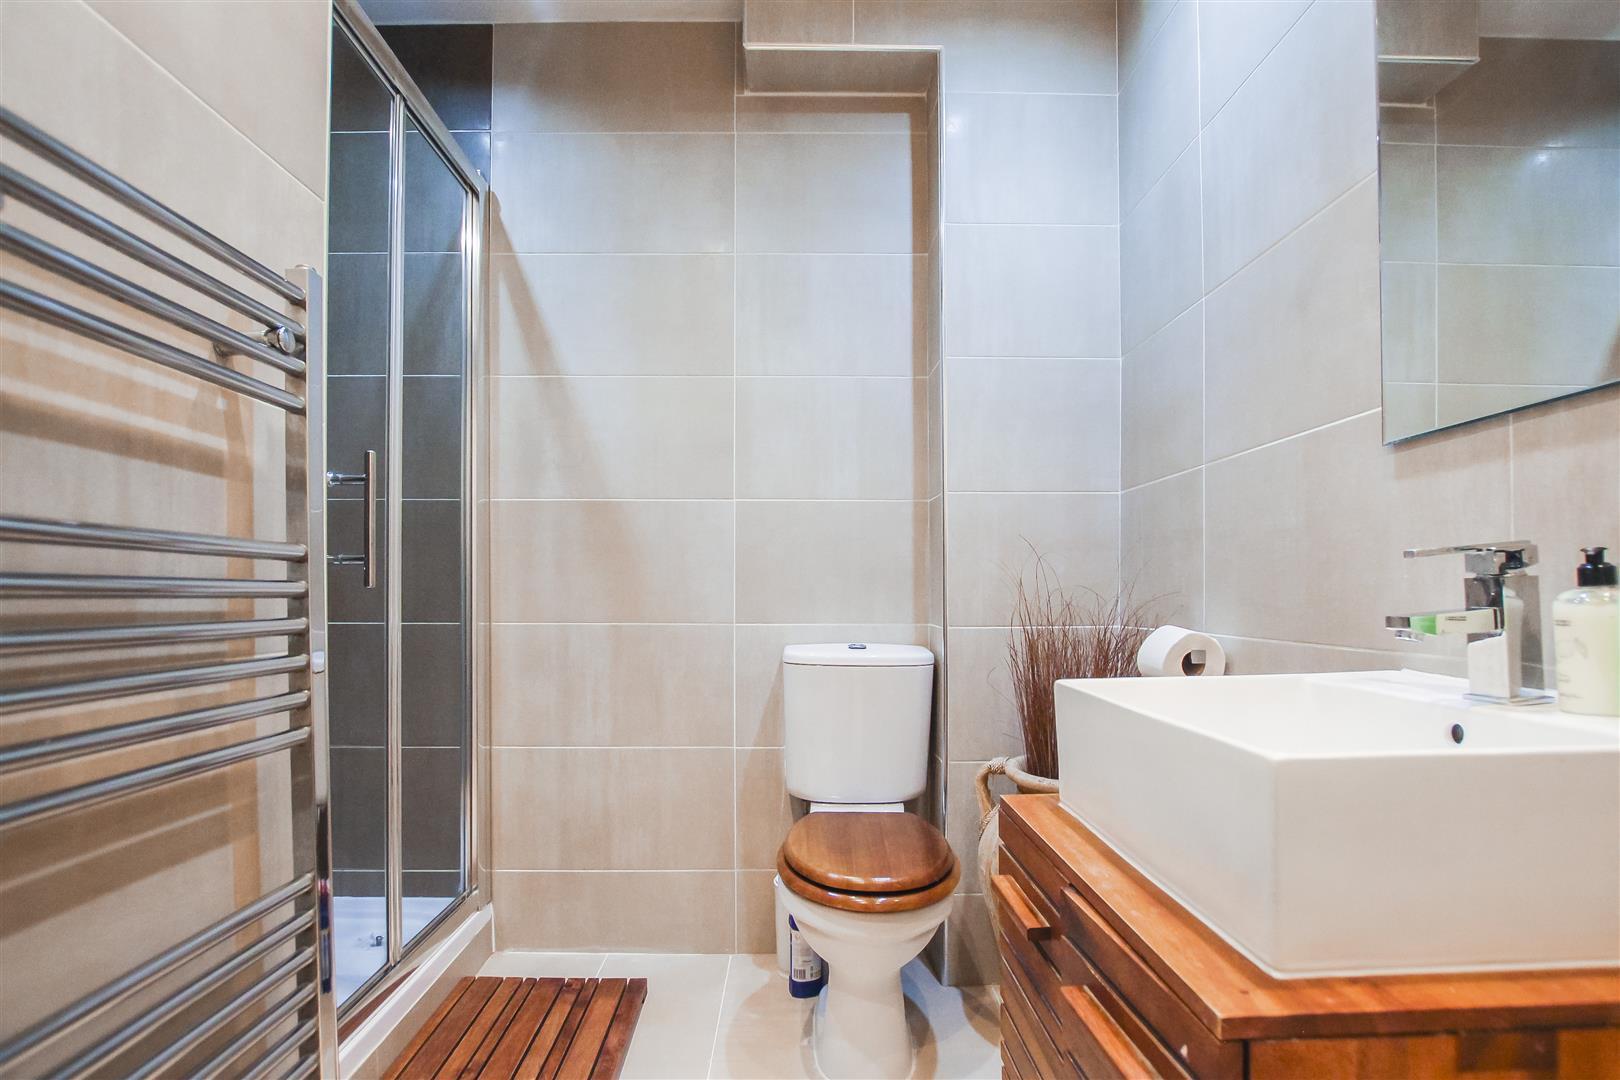 3 Bedroom Semi-detached House For Sale - Shower Room